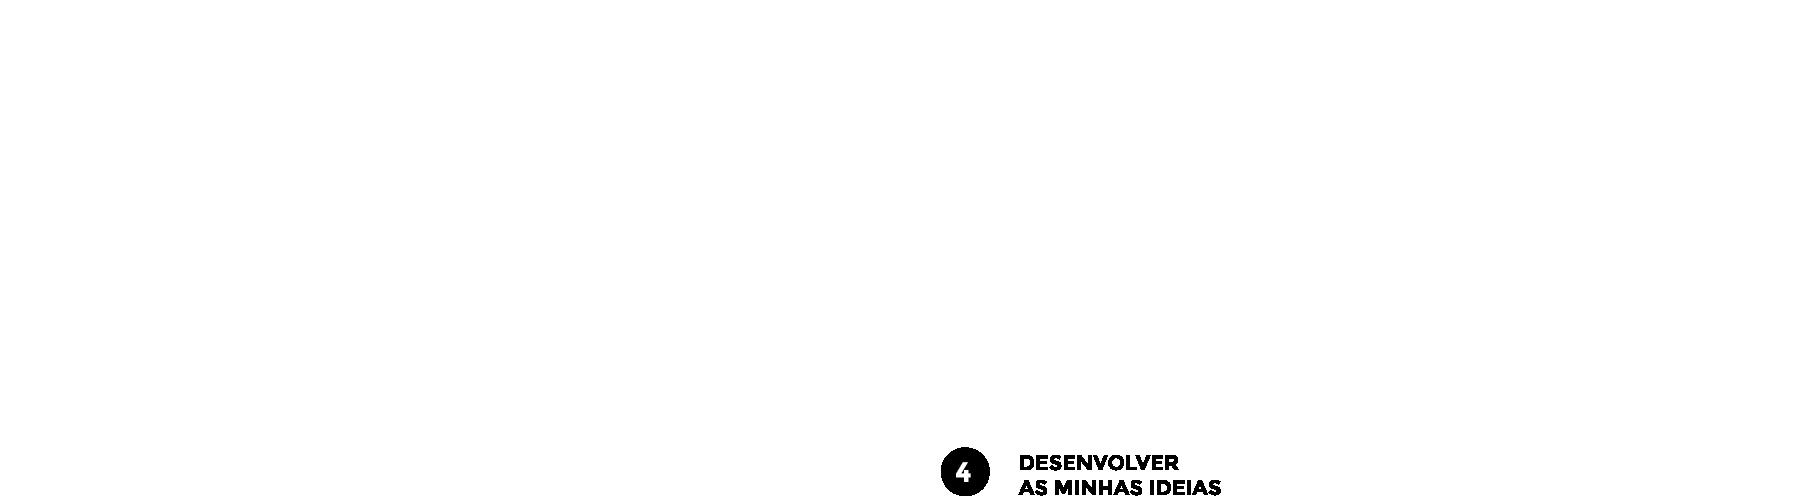 header-home-schrift-animation9